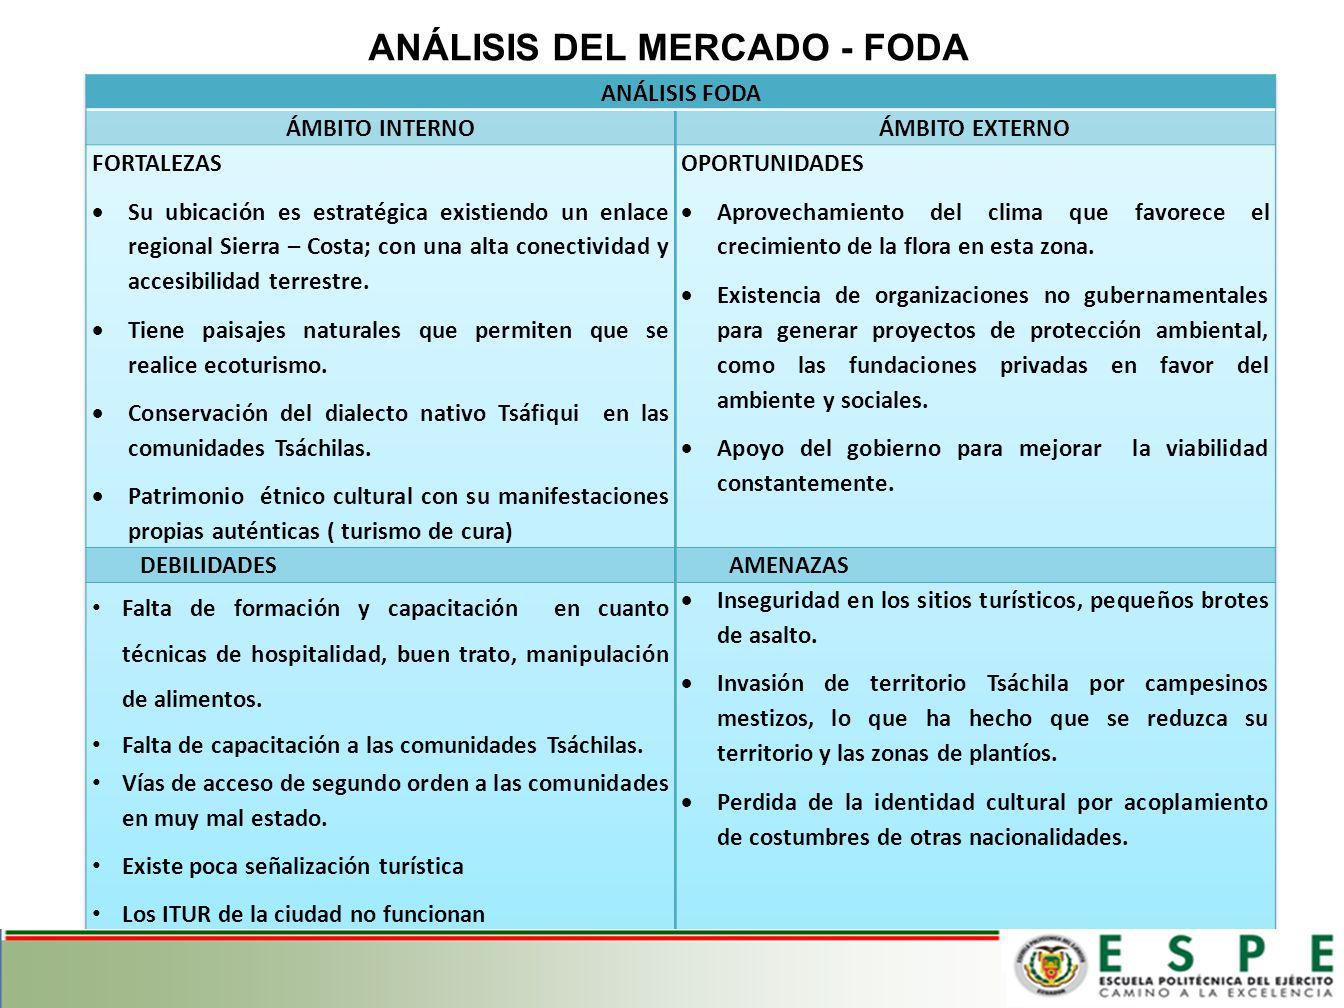 ANÁLISIS DEL MERCADO - FODA